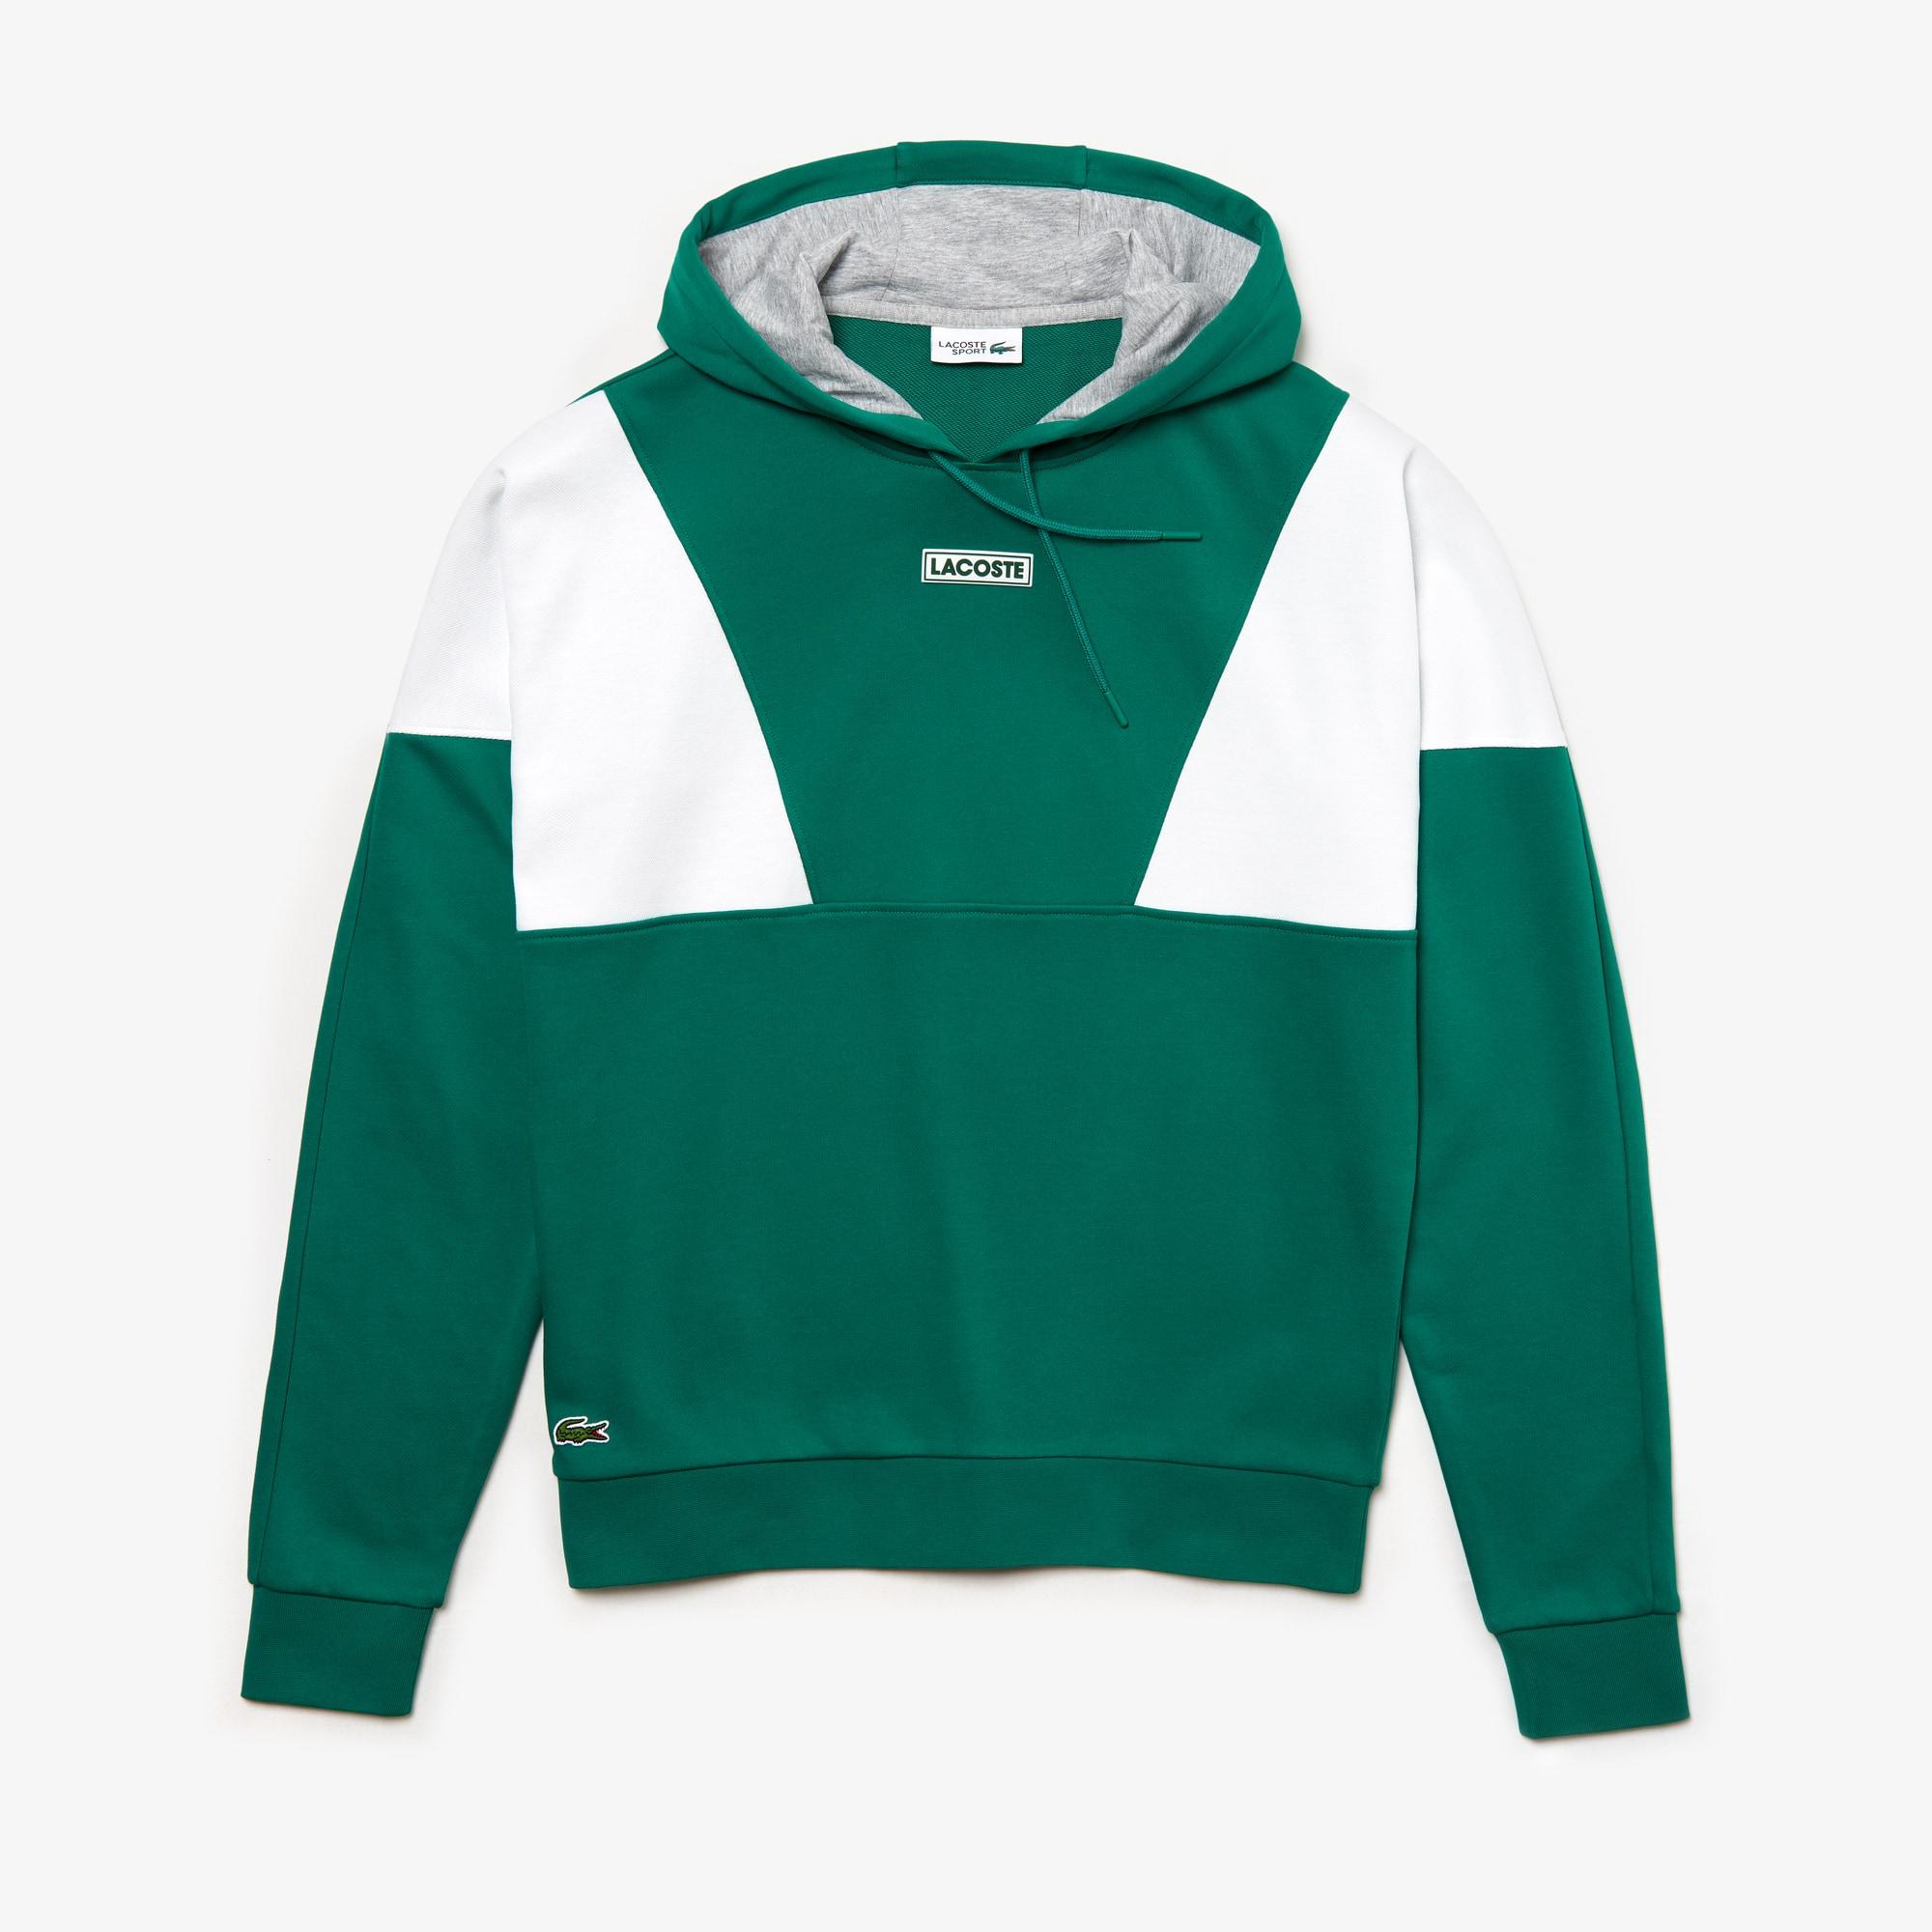 라코스테 스포츠 맨 스웻셔츠  Lacoste Mens SPORT Hooded Fleece Sweatshirt,Green / White / Grey Chine